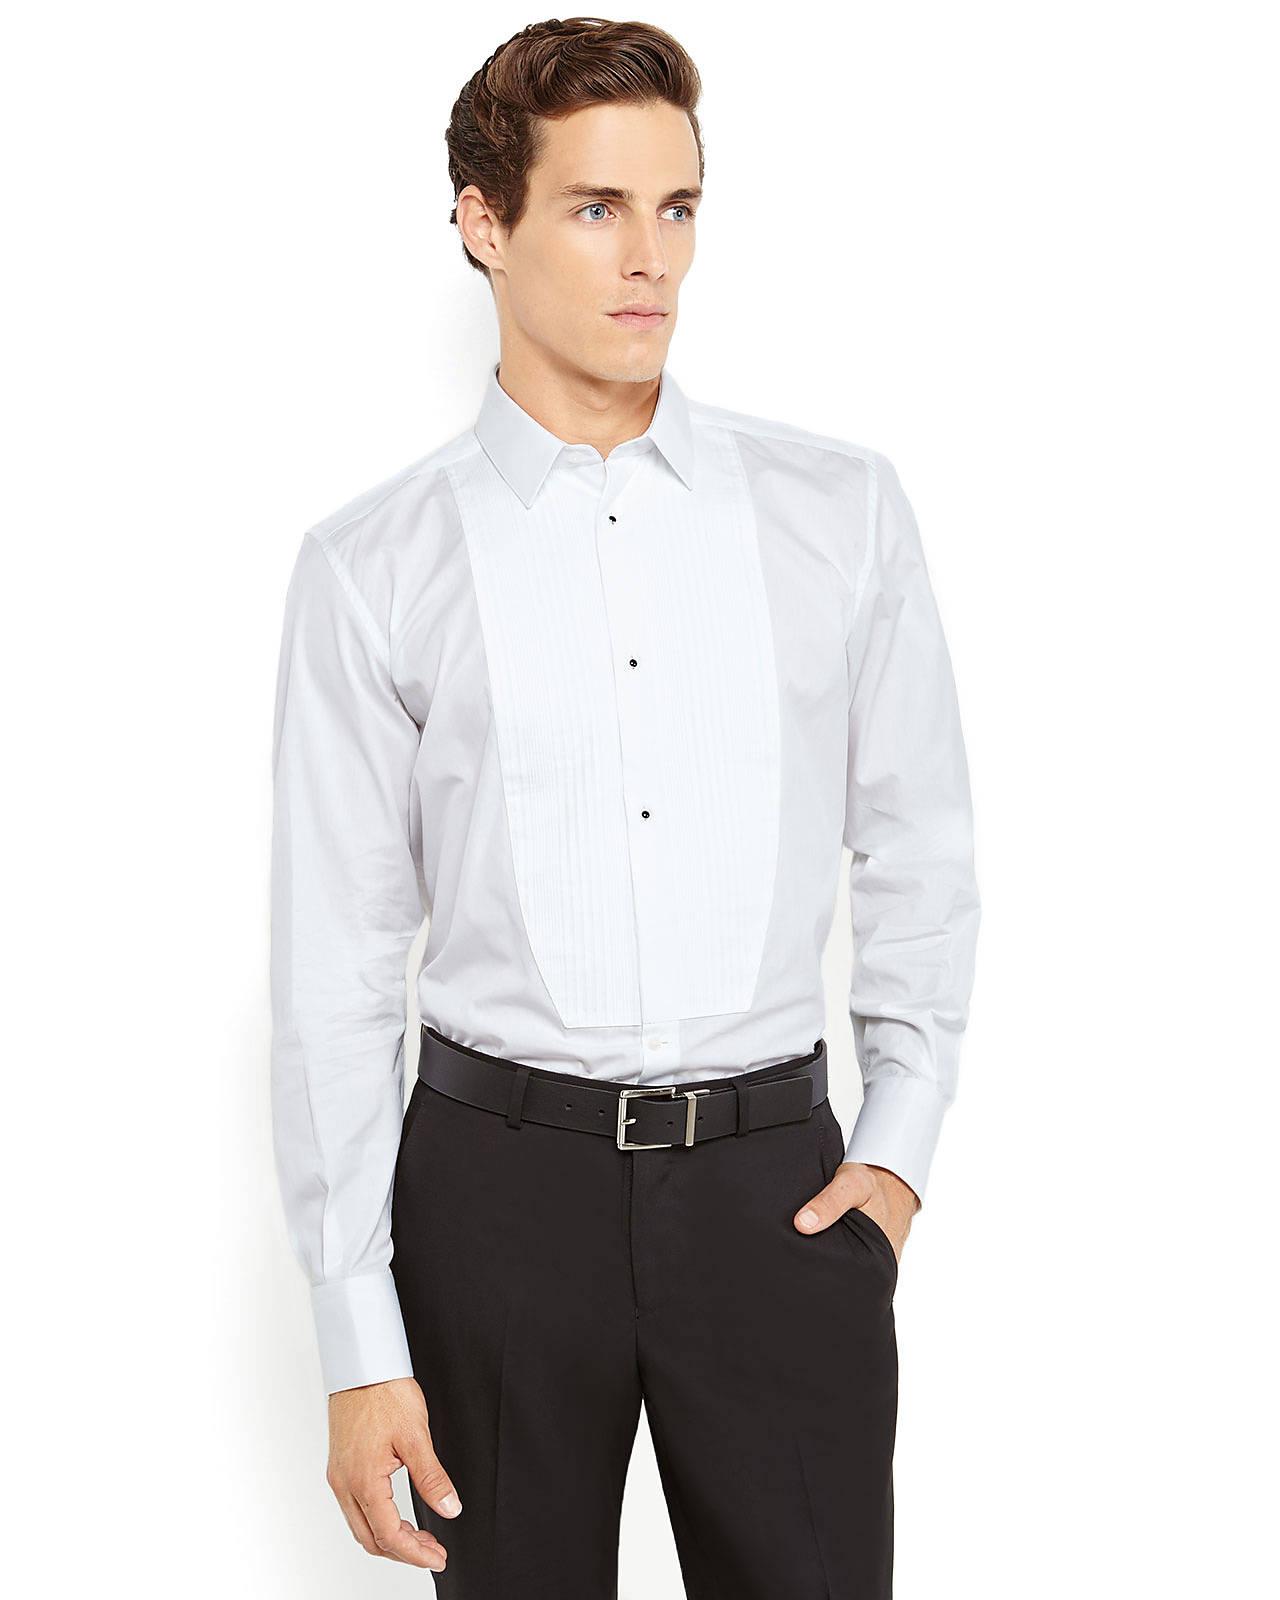 Dolce gabbana dolcegabbana martini tuxedo bib dress for Century 21 dress shirts